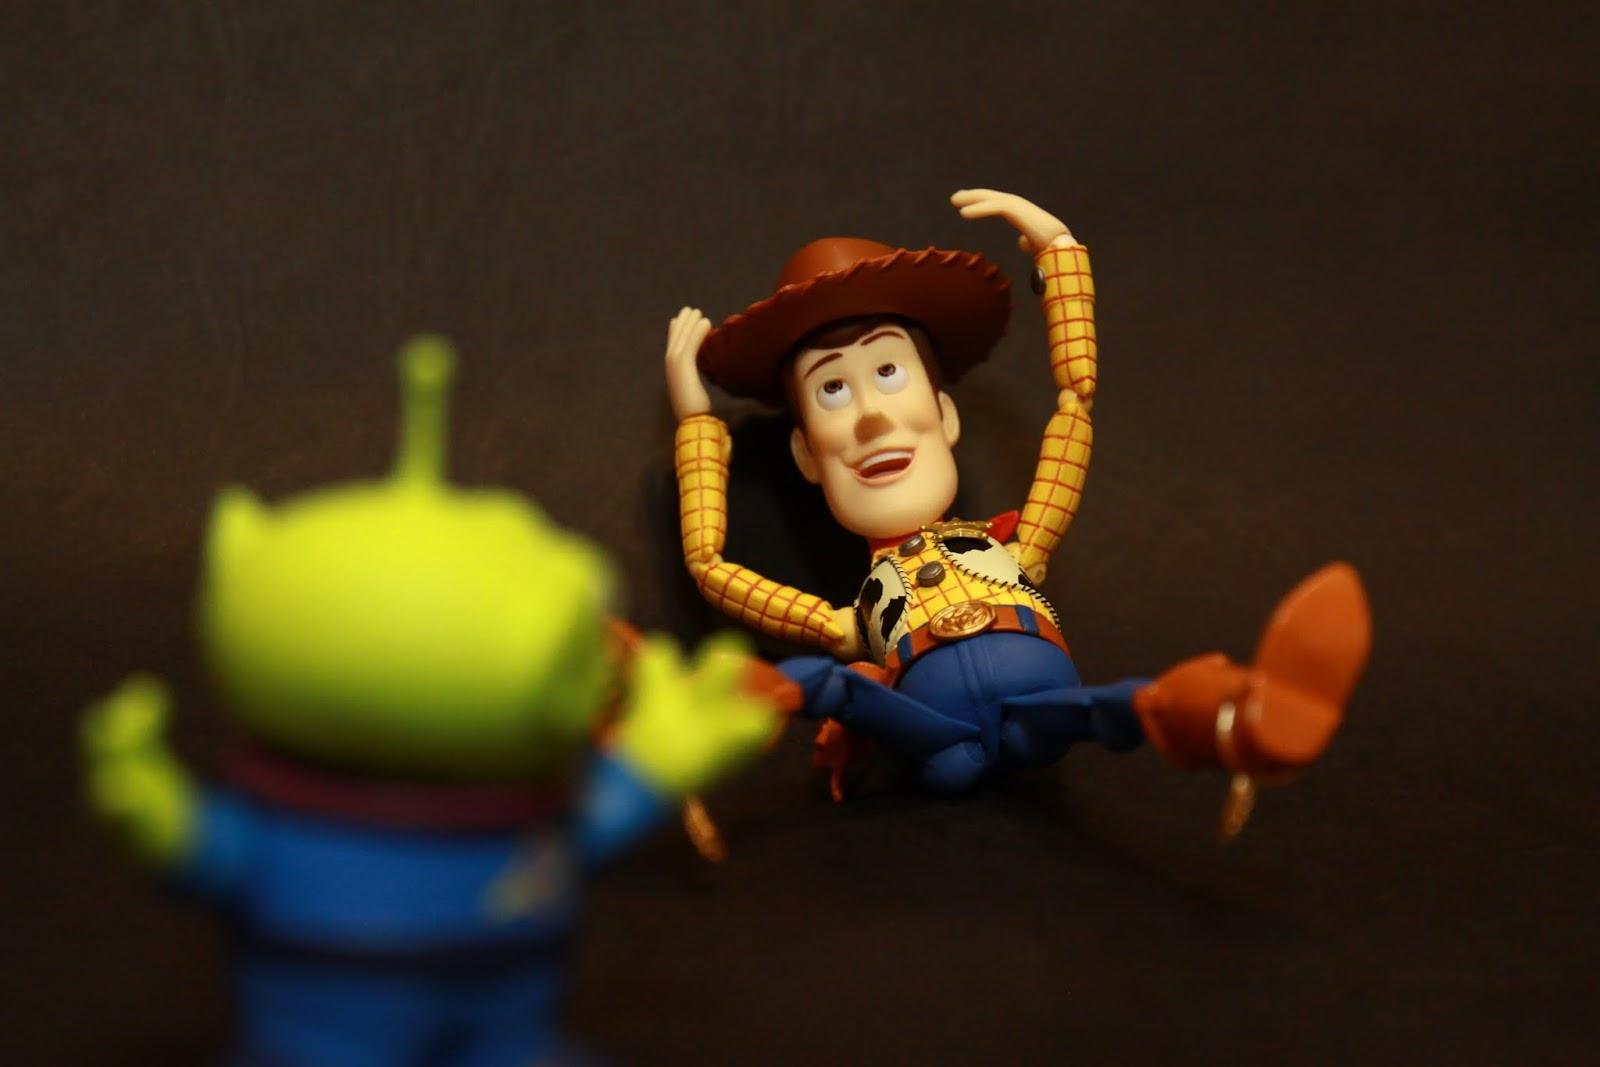 胡迪:呼呼~這帽子可是我的命啊~~~ 三眼外星人:!!!